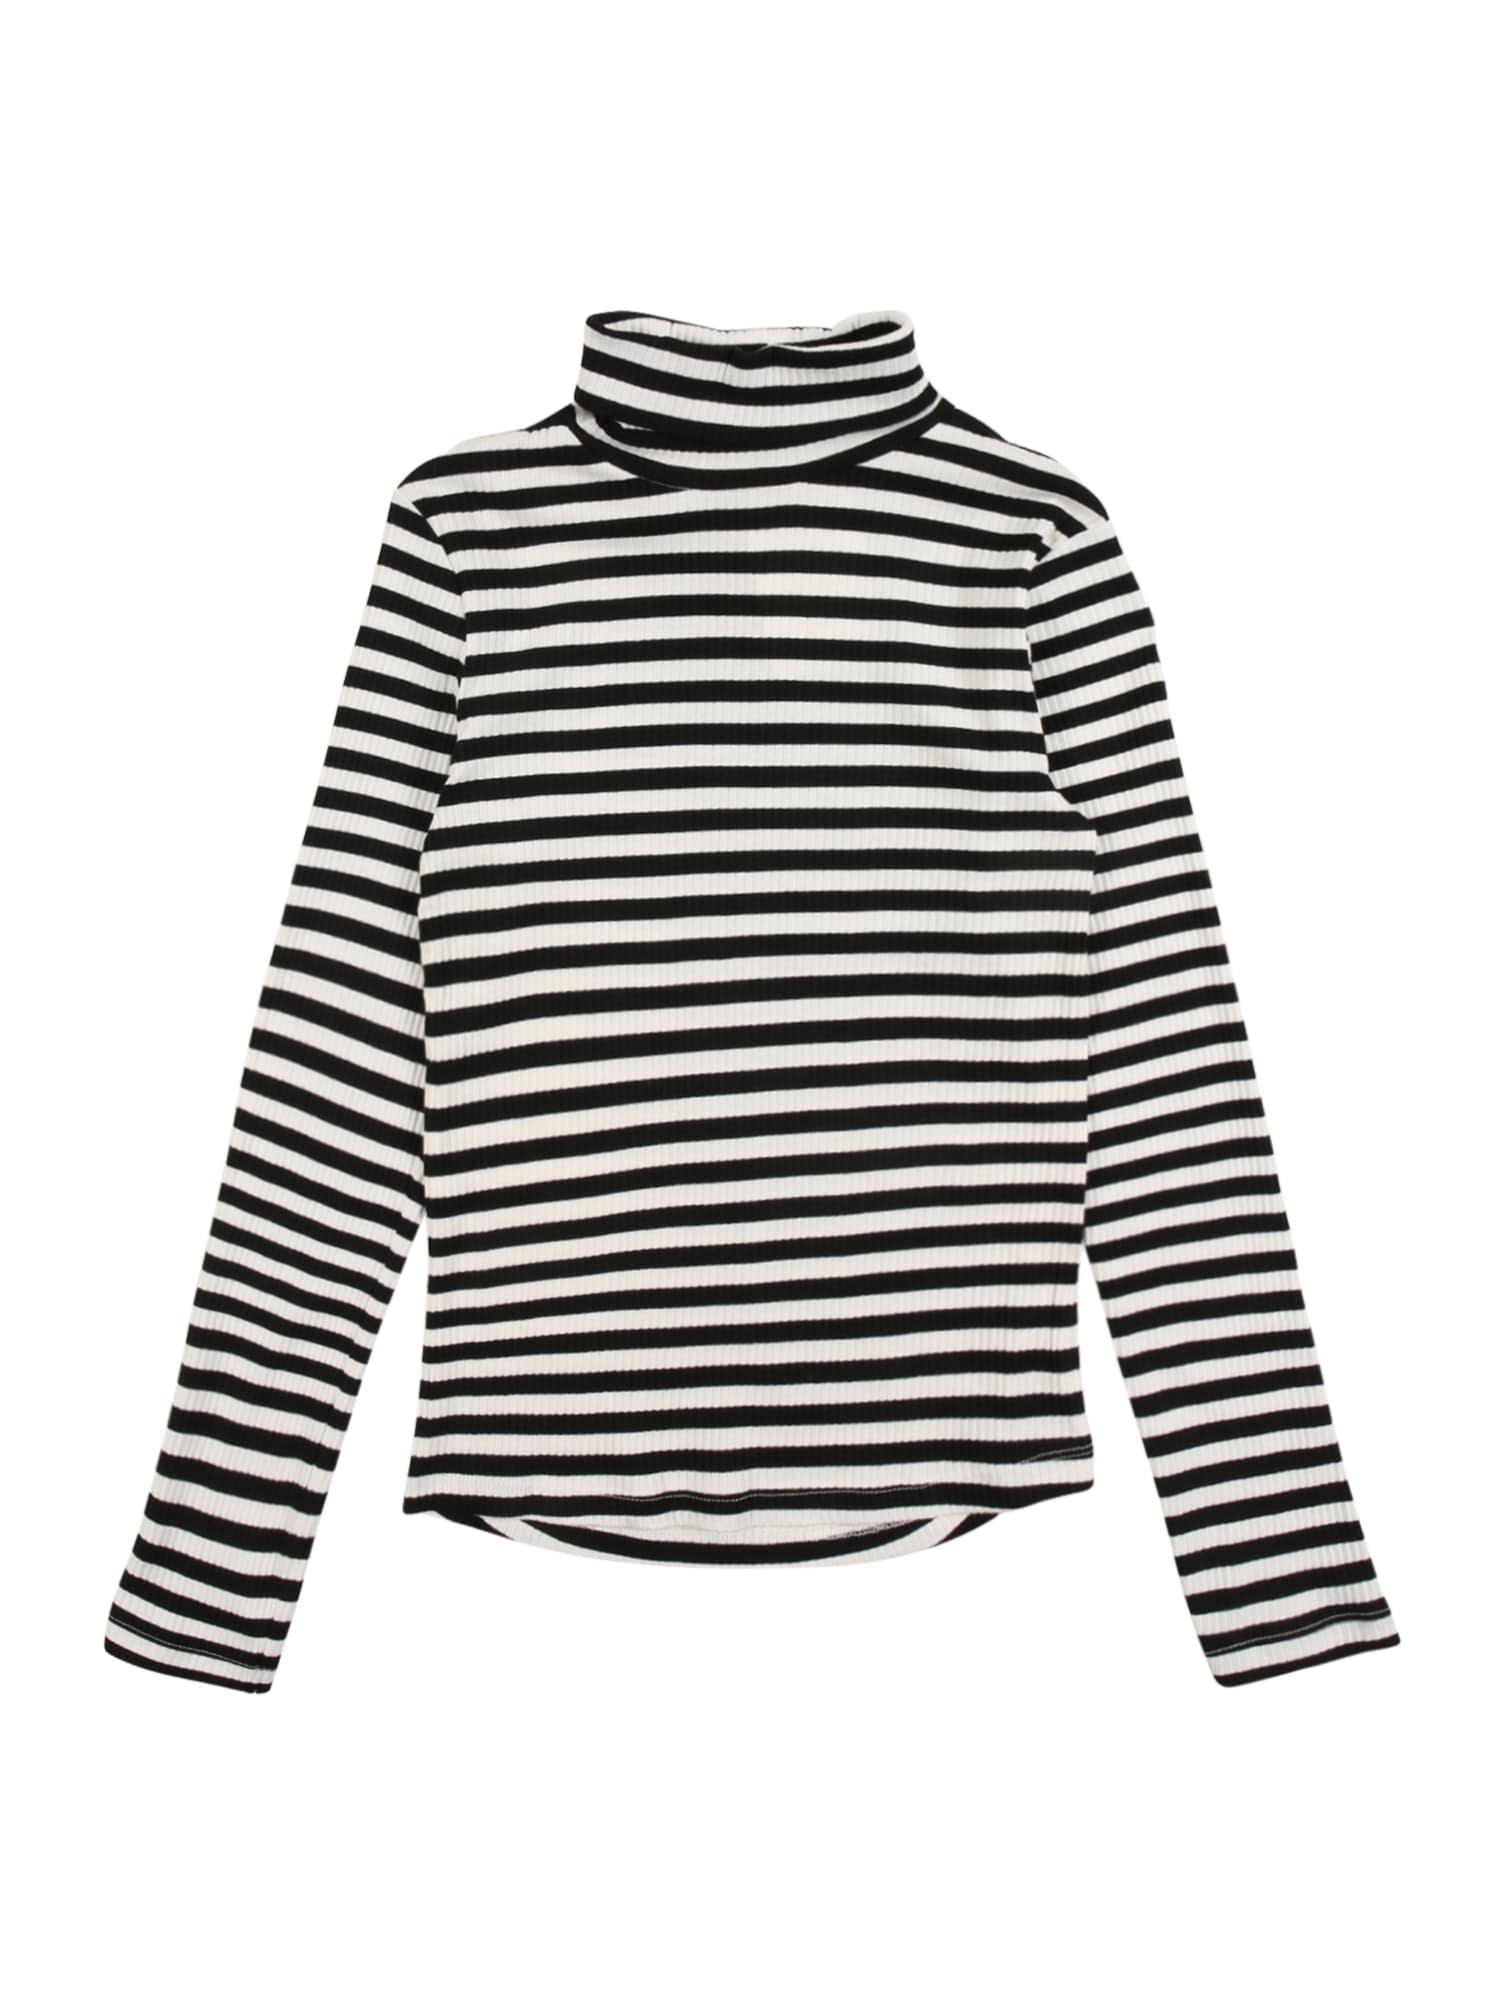 NAME IT Tričko 'VEMMA'  bílá / černá